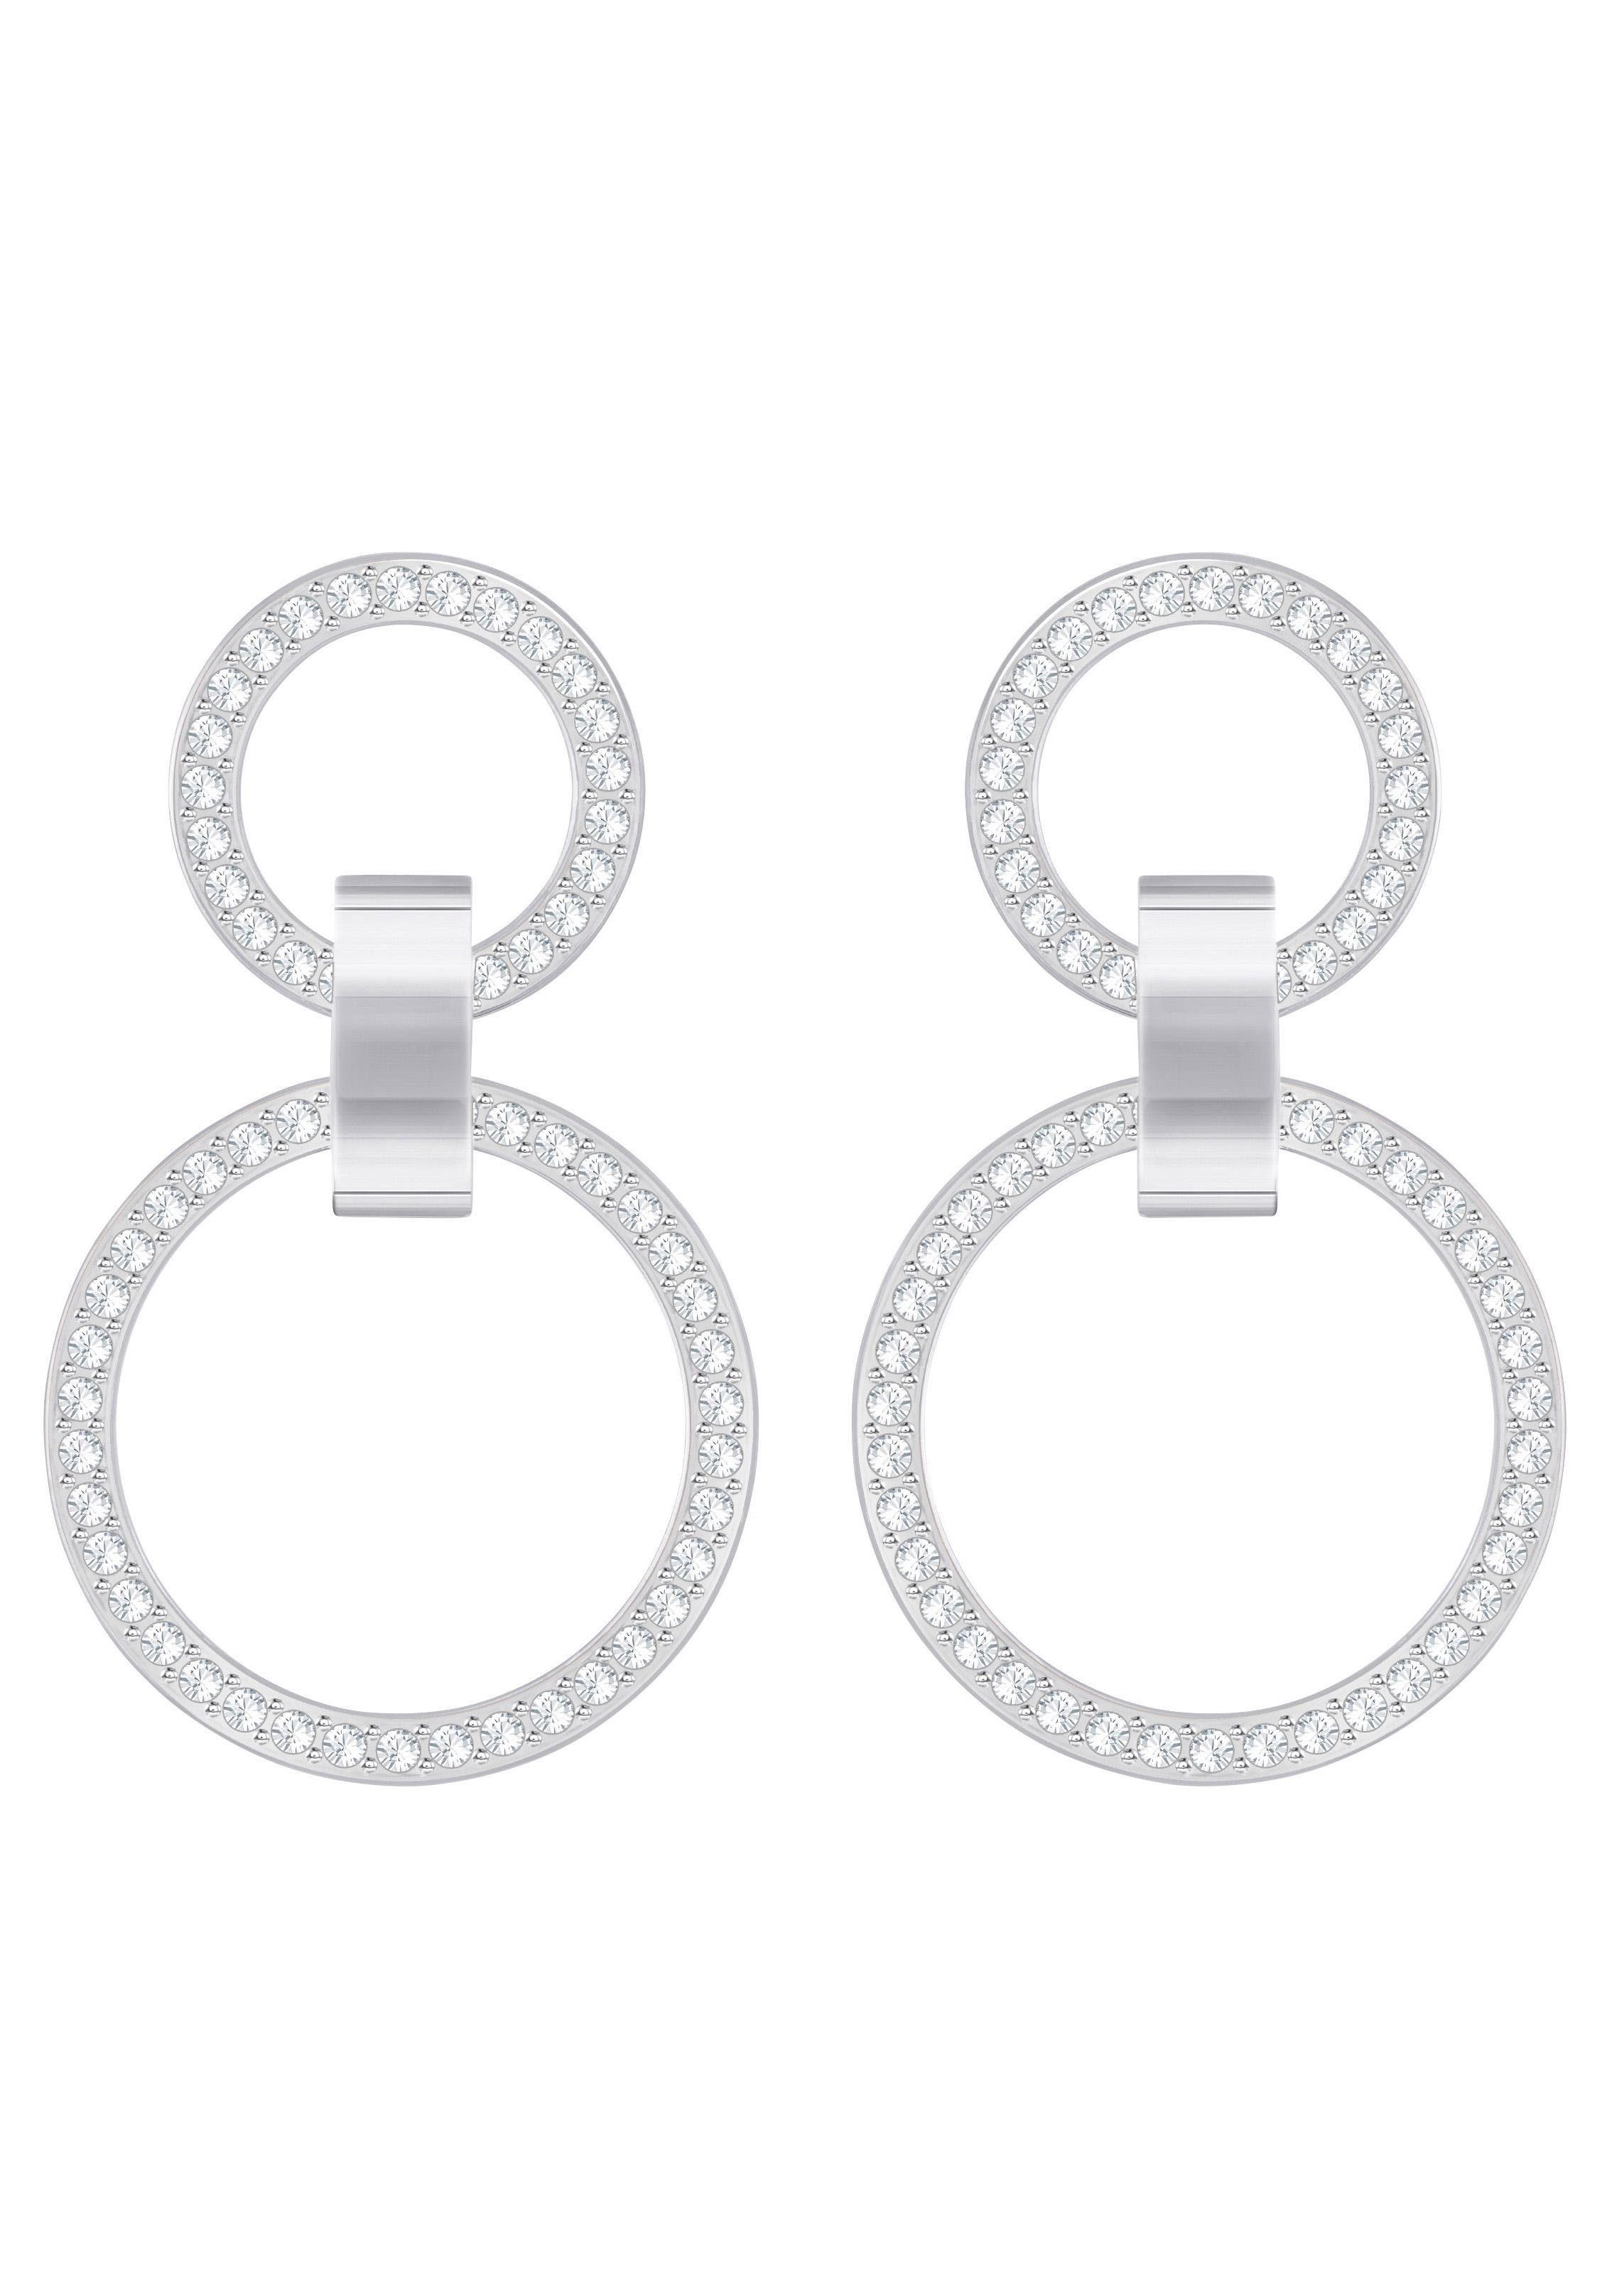 Swarovski Paar Ohrstecker »Hollow, weiss, rhodiniert, 5349353« mit Swarovski® Kristallen